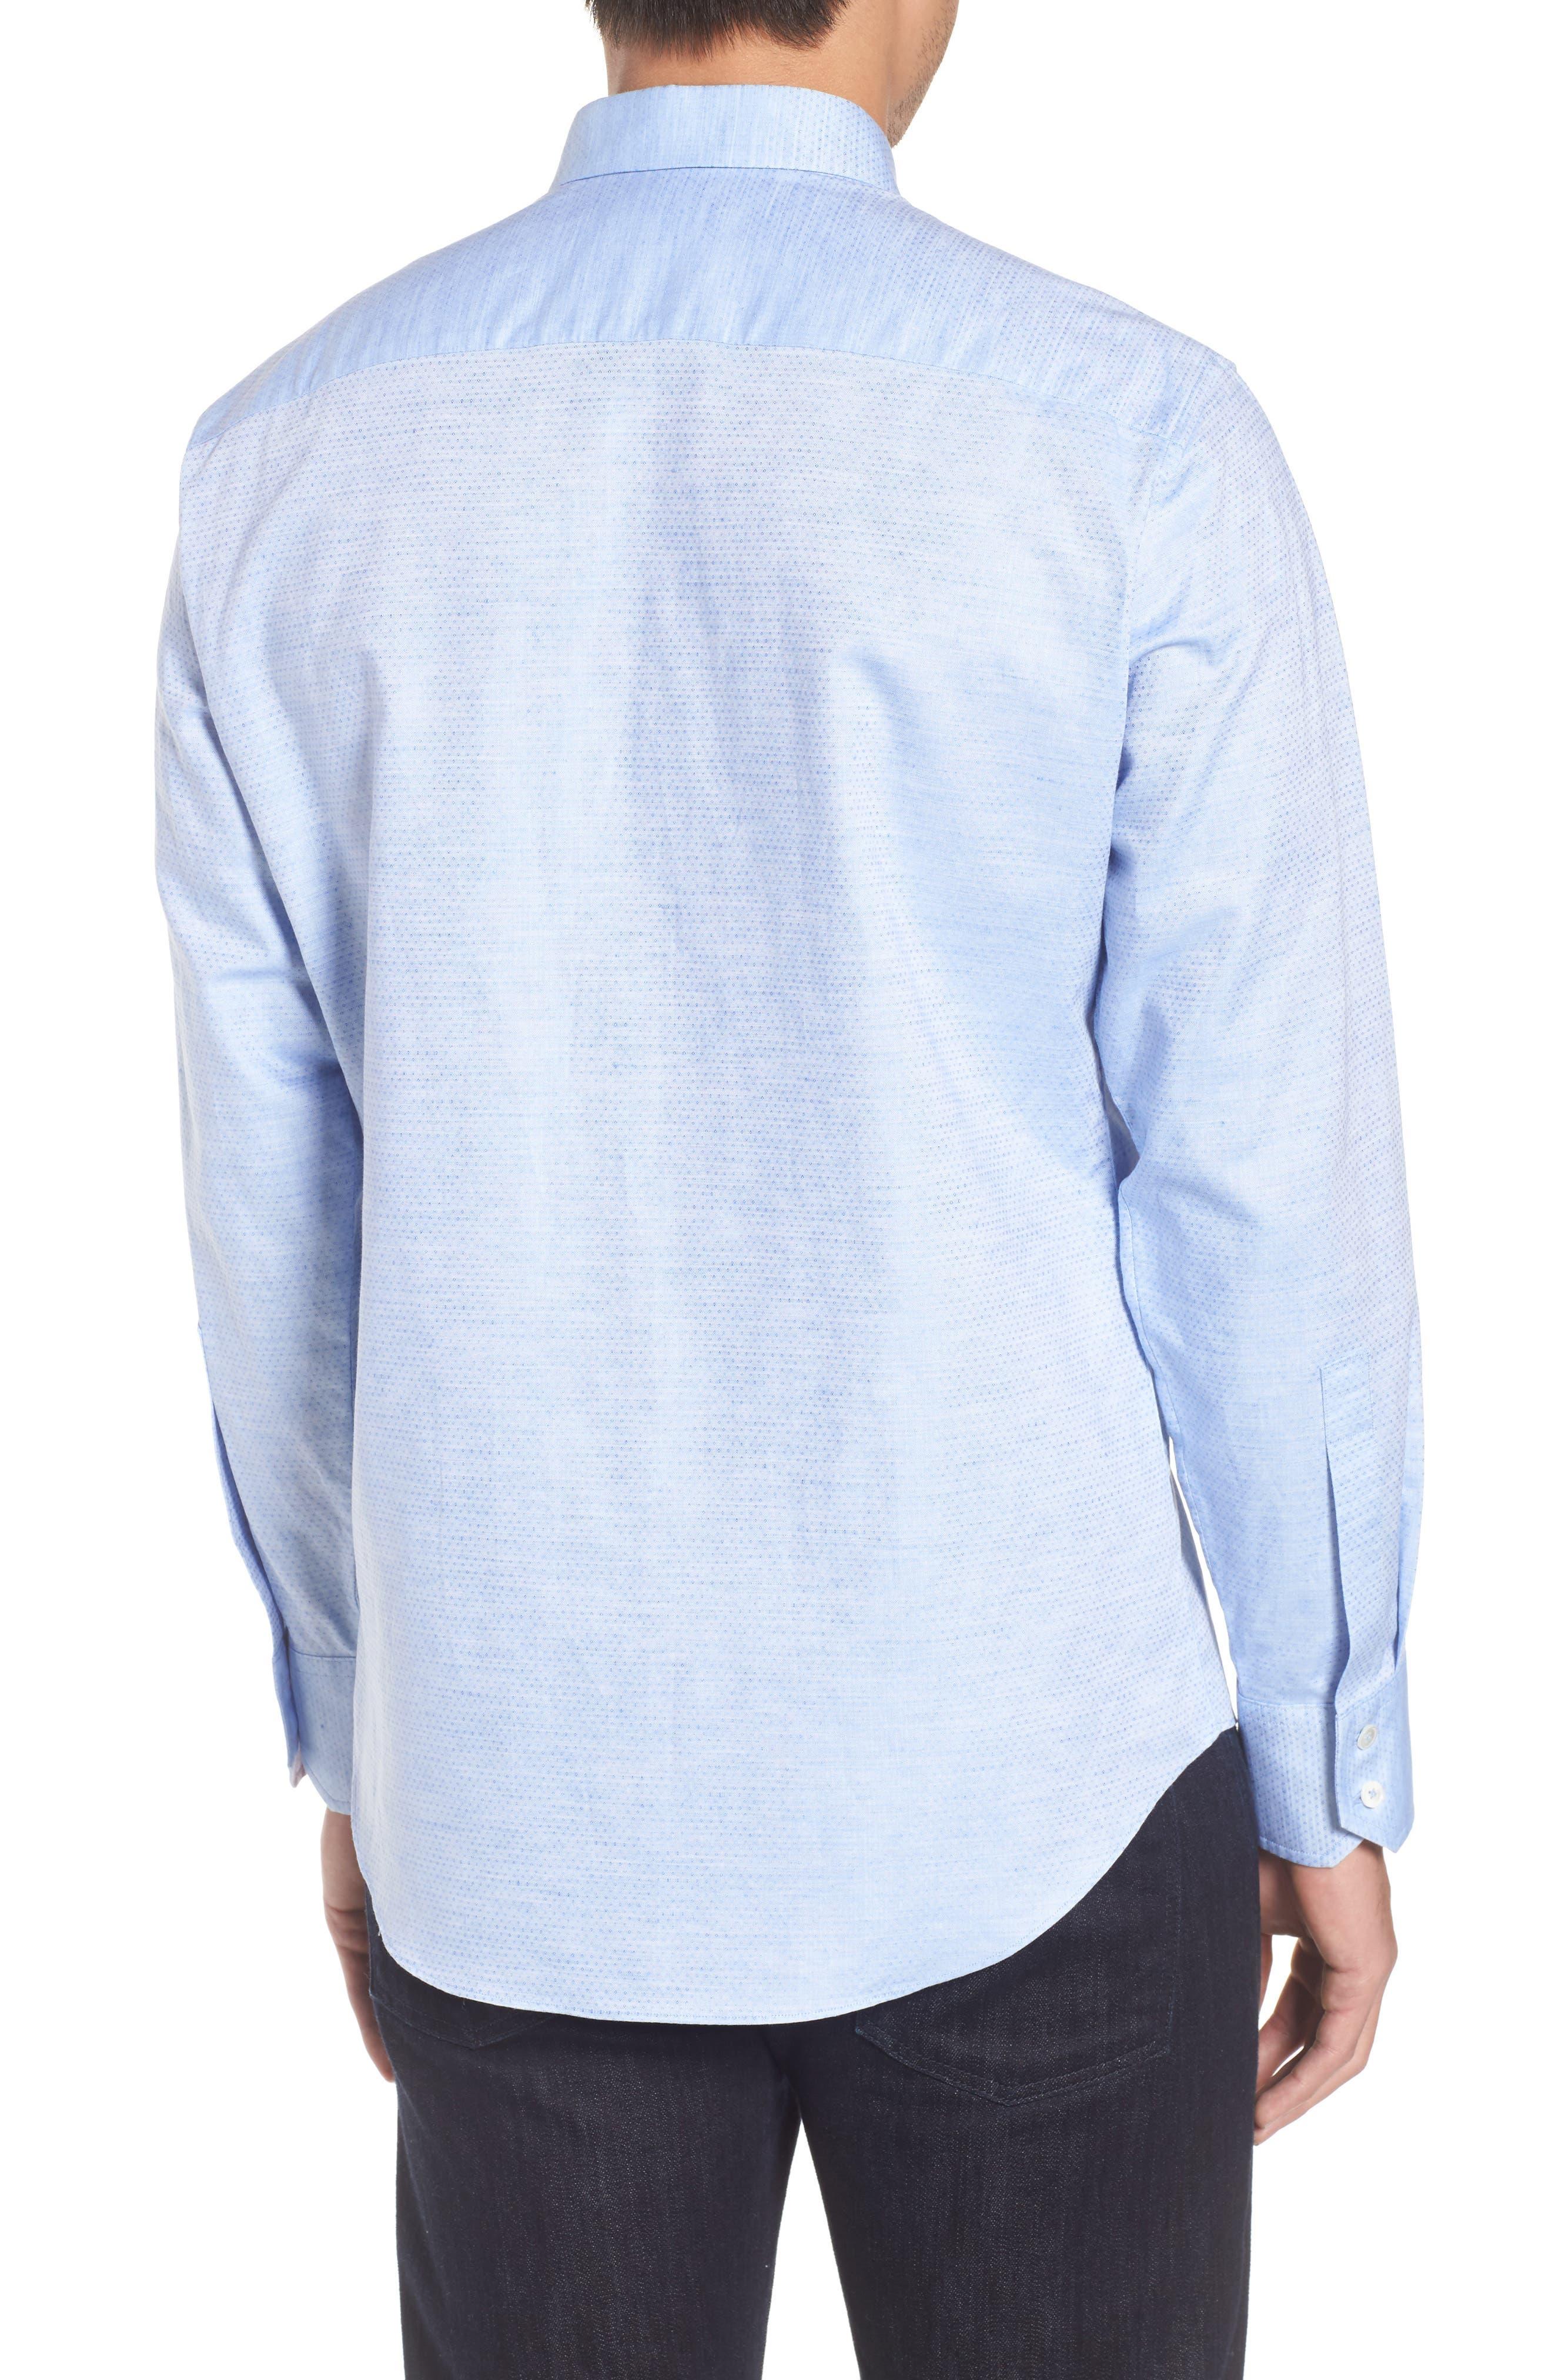 Gomis Regular Fit Dobby Sport Shirt,                             Alternate thumbnail 2, color,                             Light Blue